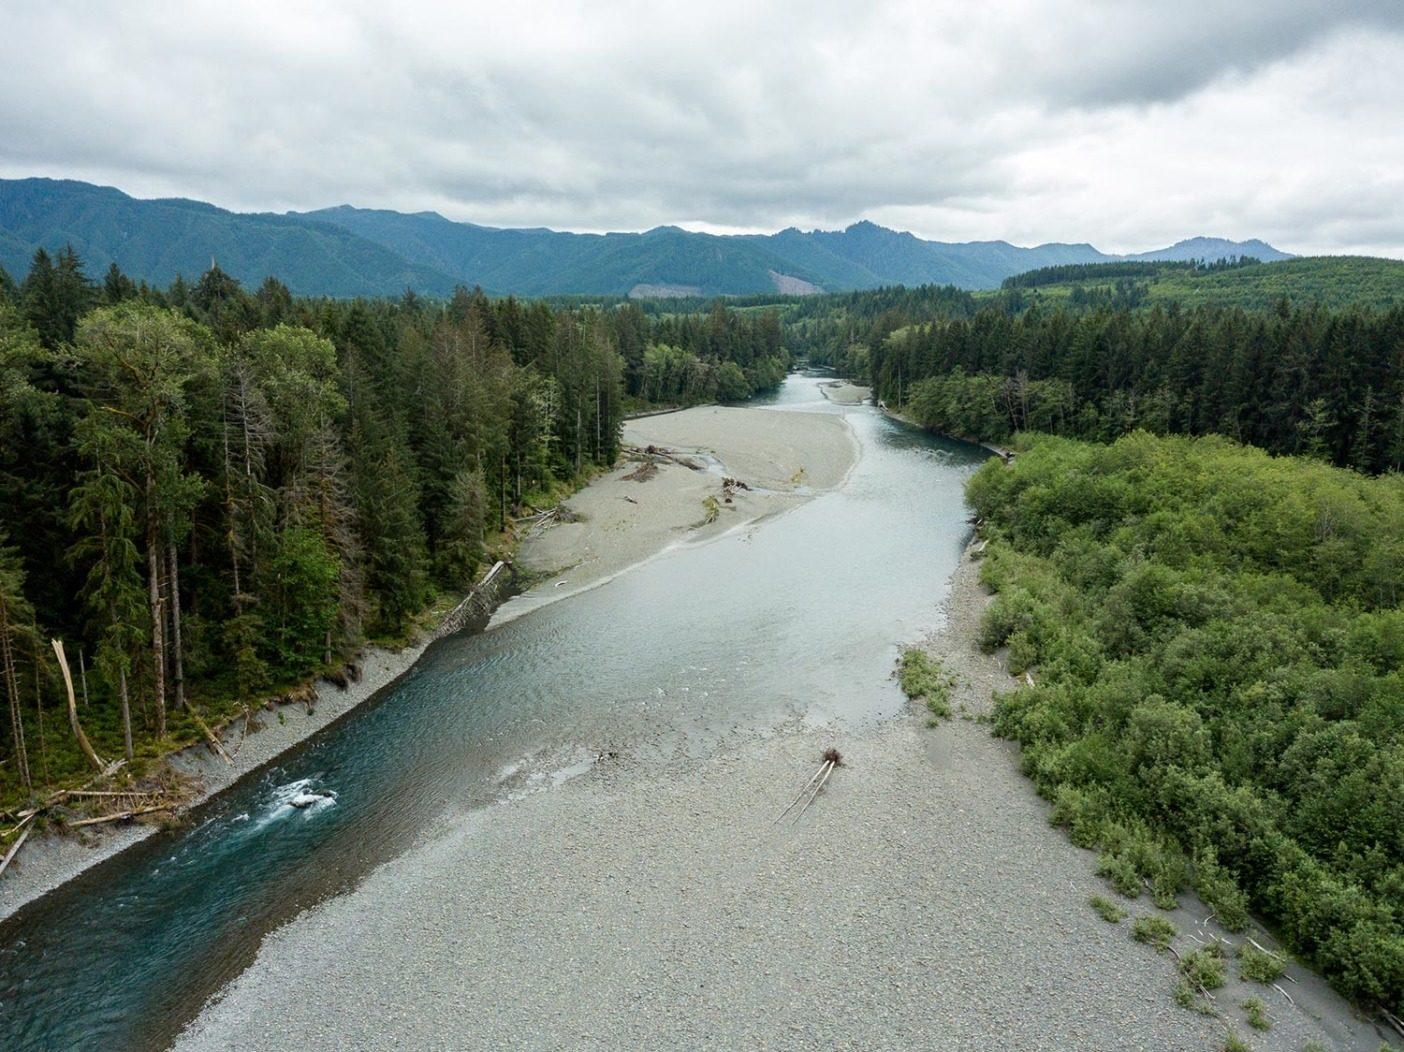 健康な川は気の向くままに流れ、川岸に水をみなぎらせ、流れを完全に変える。細く突き出た石の陸地は川を塞いでいるように見えるが、実際は水が移動するための空地である。Photo: Colin Wiseman